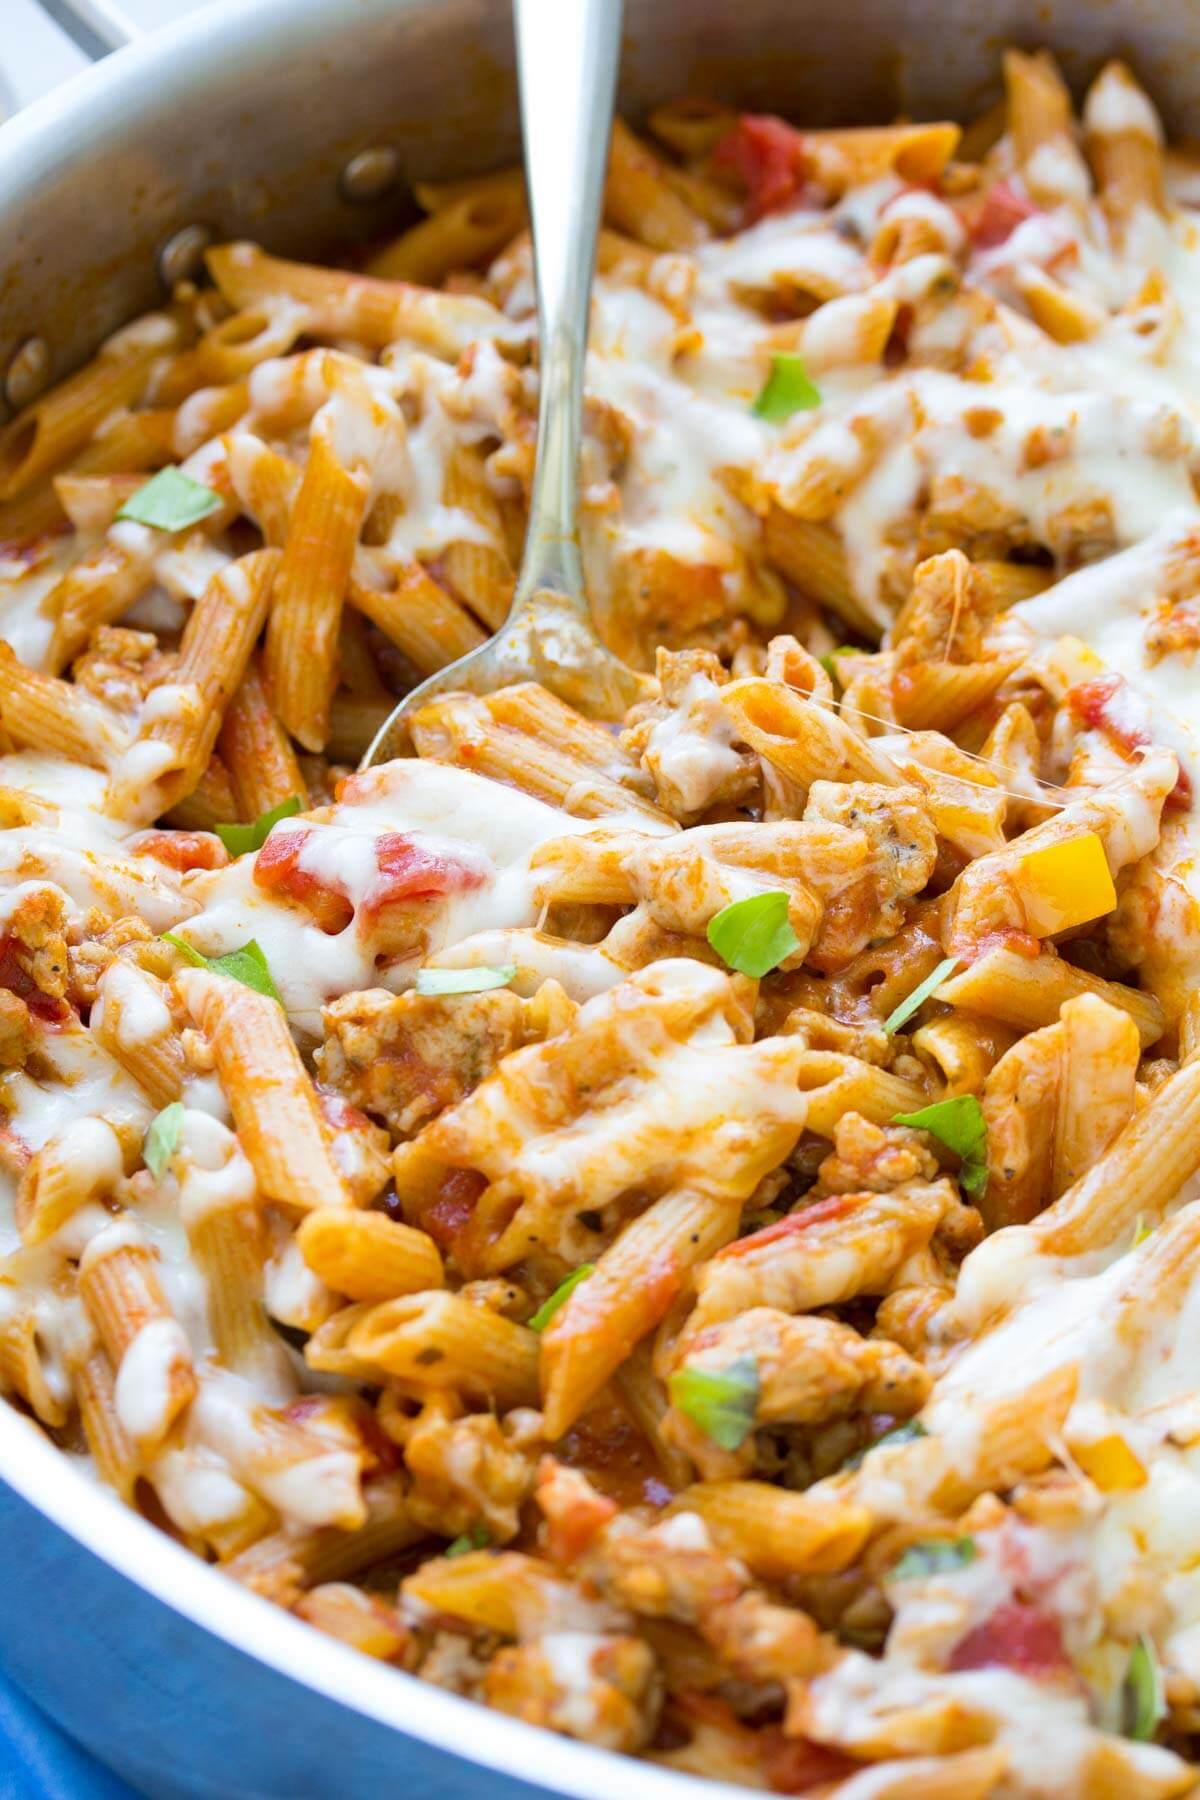 5 Ingredient One Pot Pasta with Chicken Sausage - Kristine\u0027s Kitchen